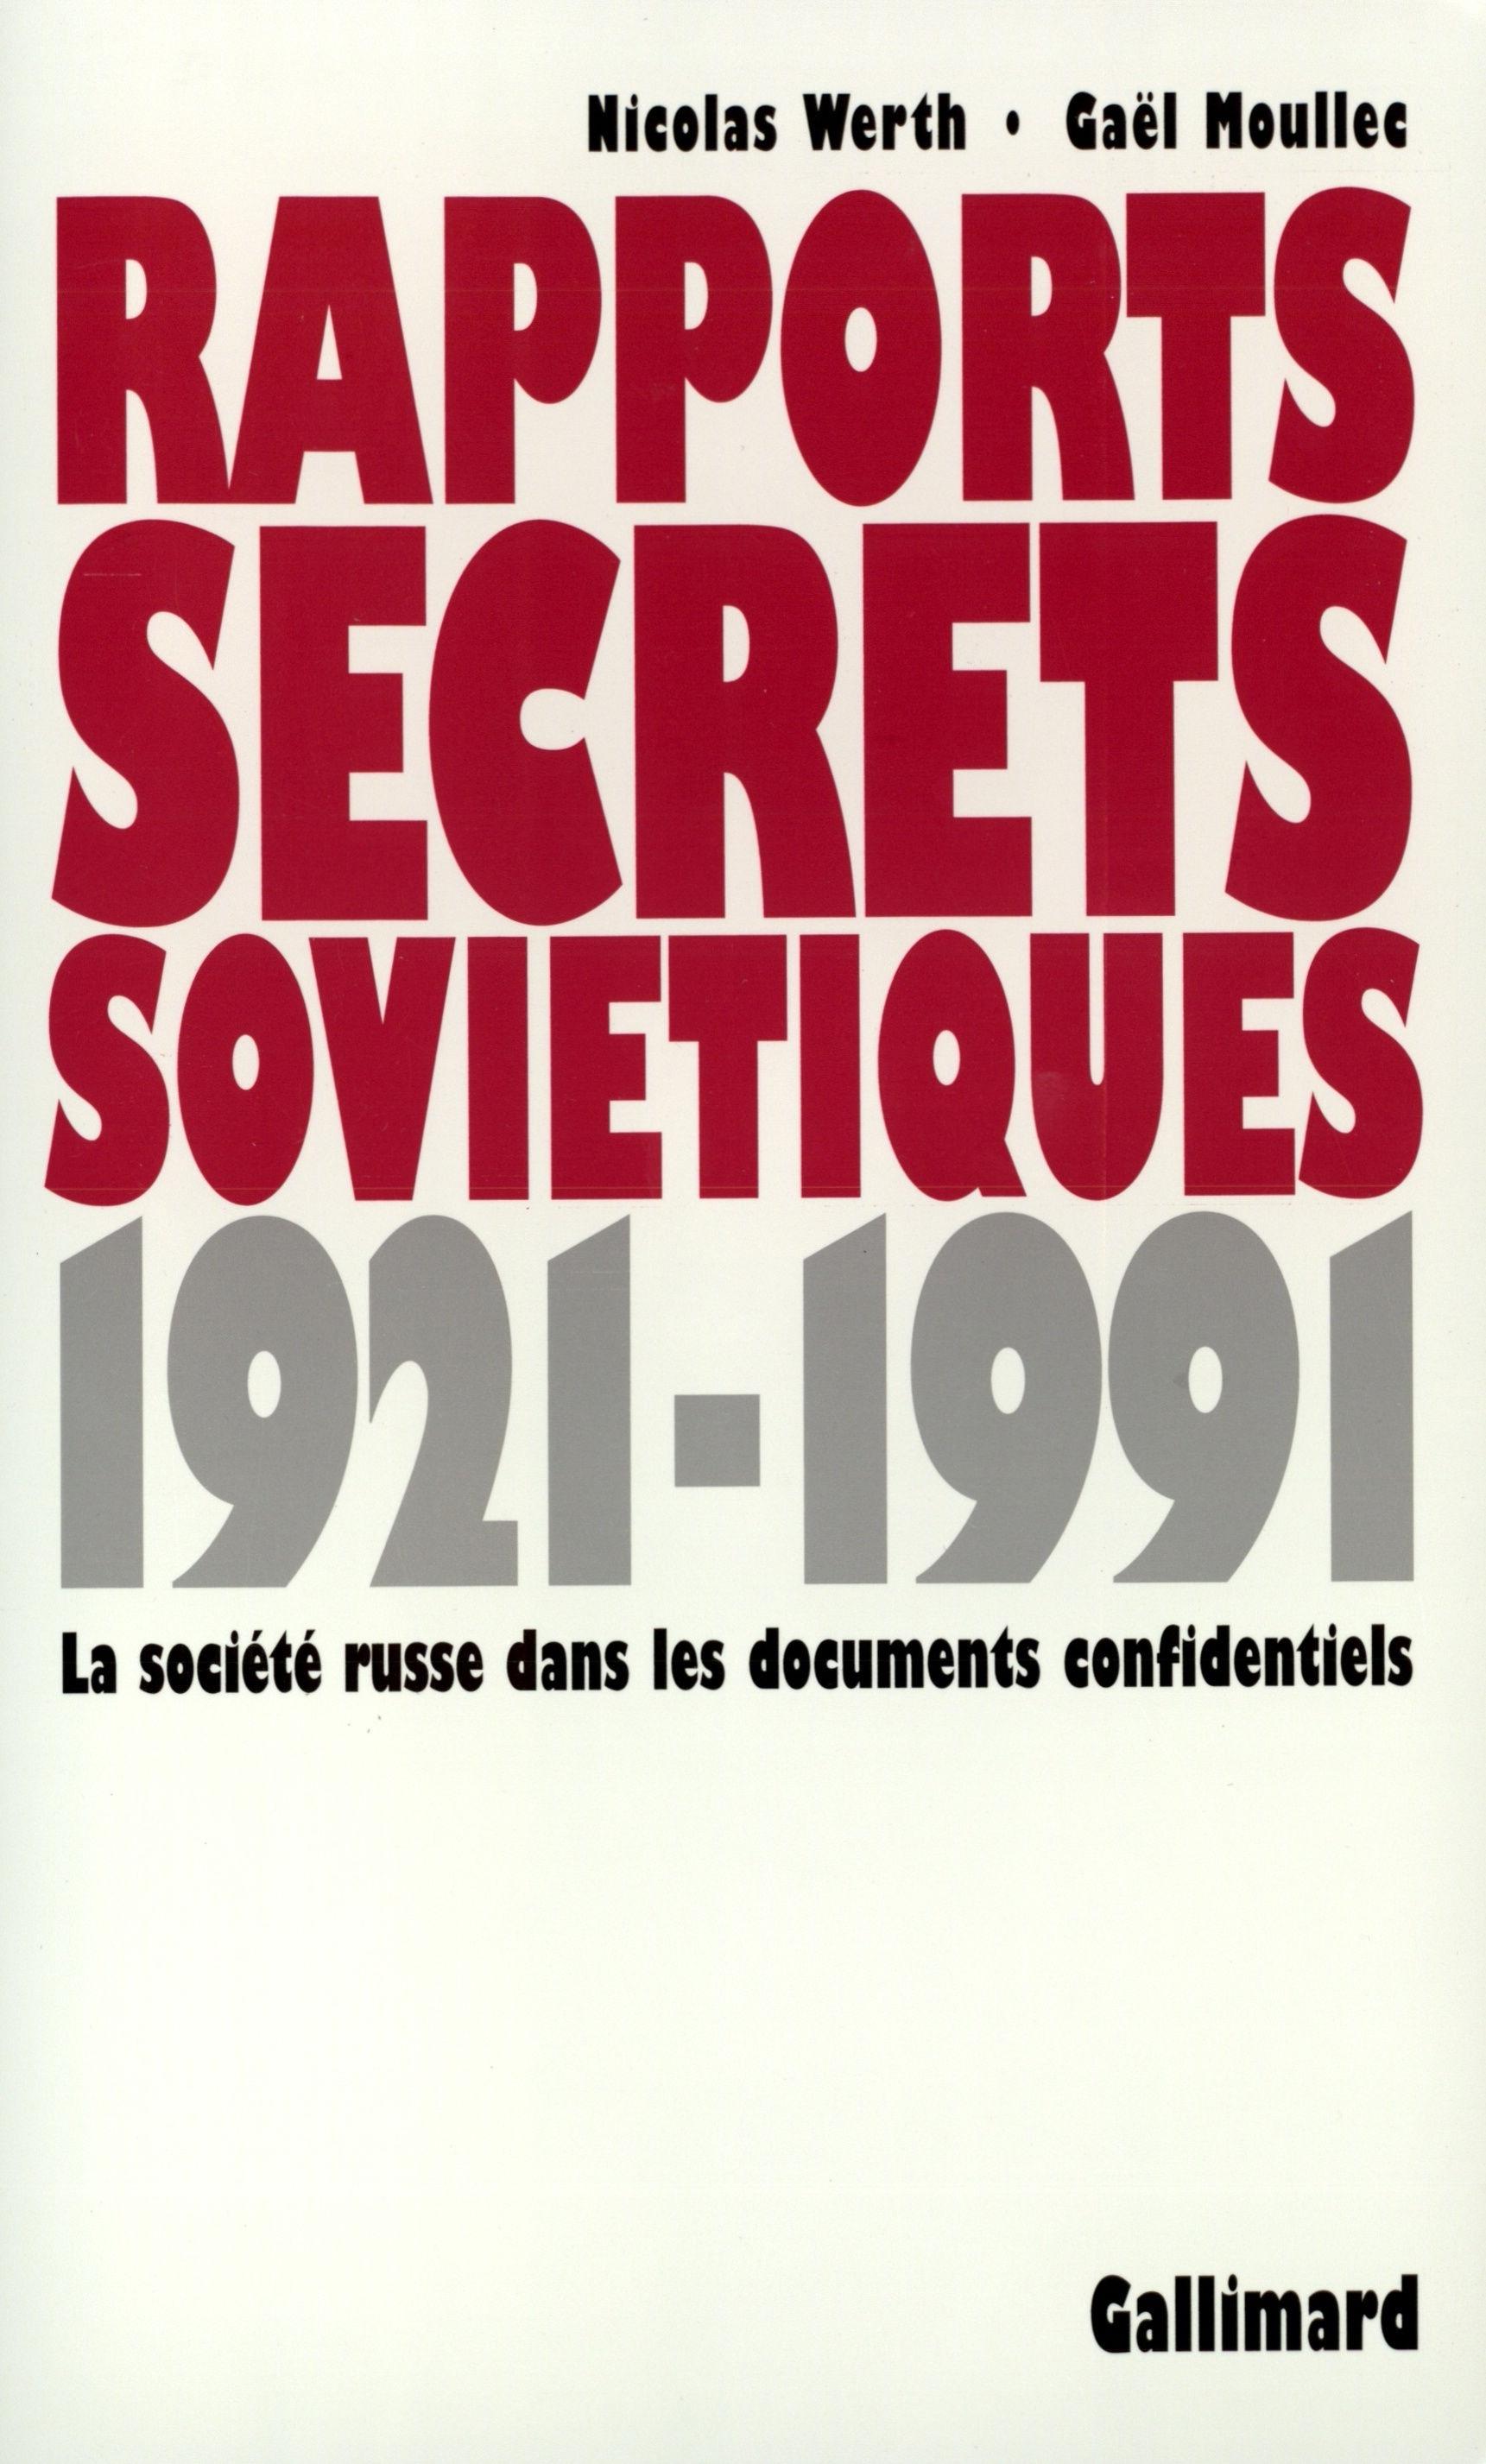 RAPPORTS SECRETS SOVIETIQUES - LA SOCIETE RUSSE DANS LES DOCUMENTS CONFIDENTIELS (1921-1991)